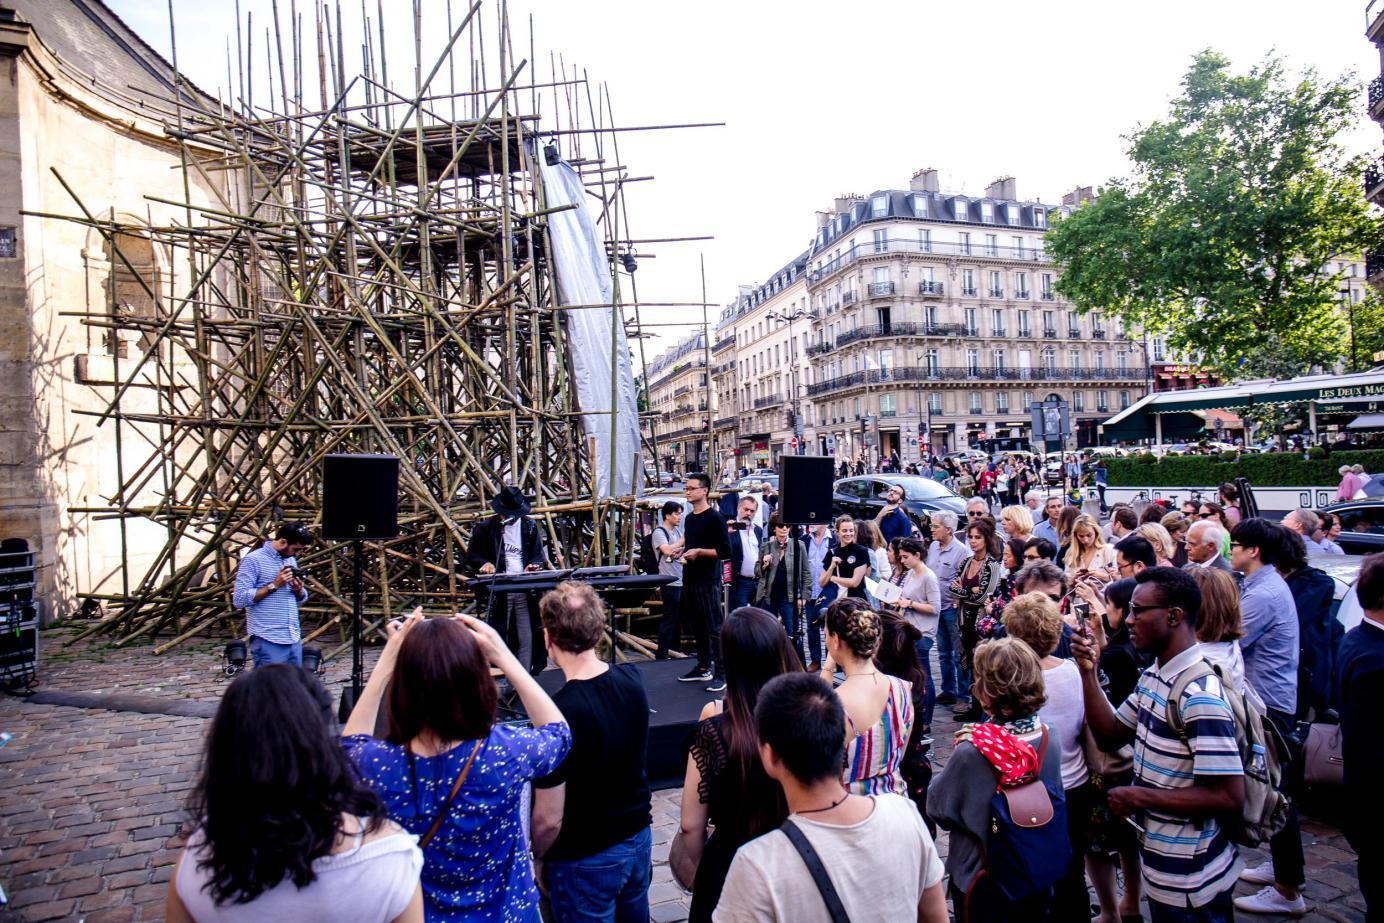 成都IFS携四川艺术家代表首度参与巴黎左岸圣日耳曼Parcours艺术节 -中国网地产